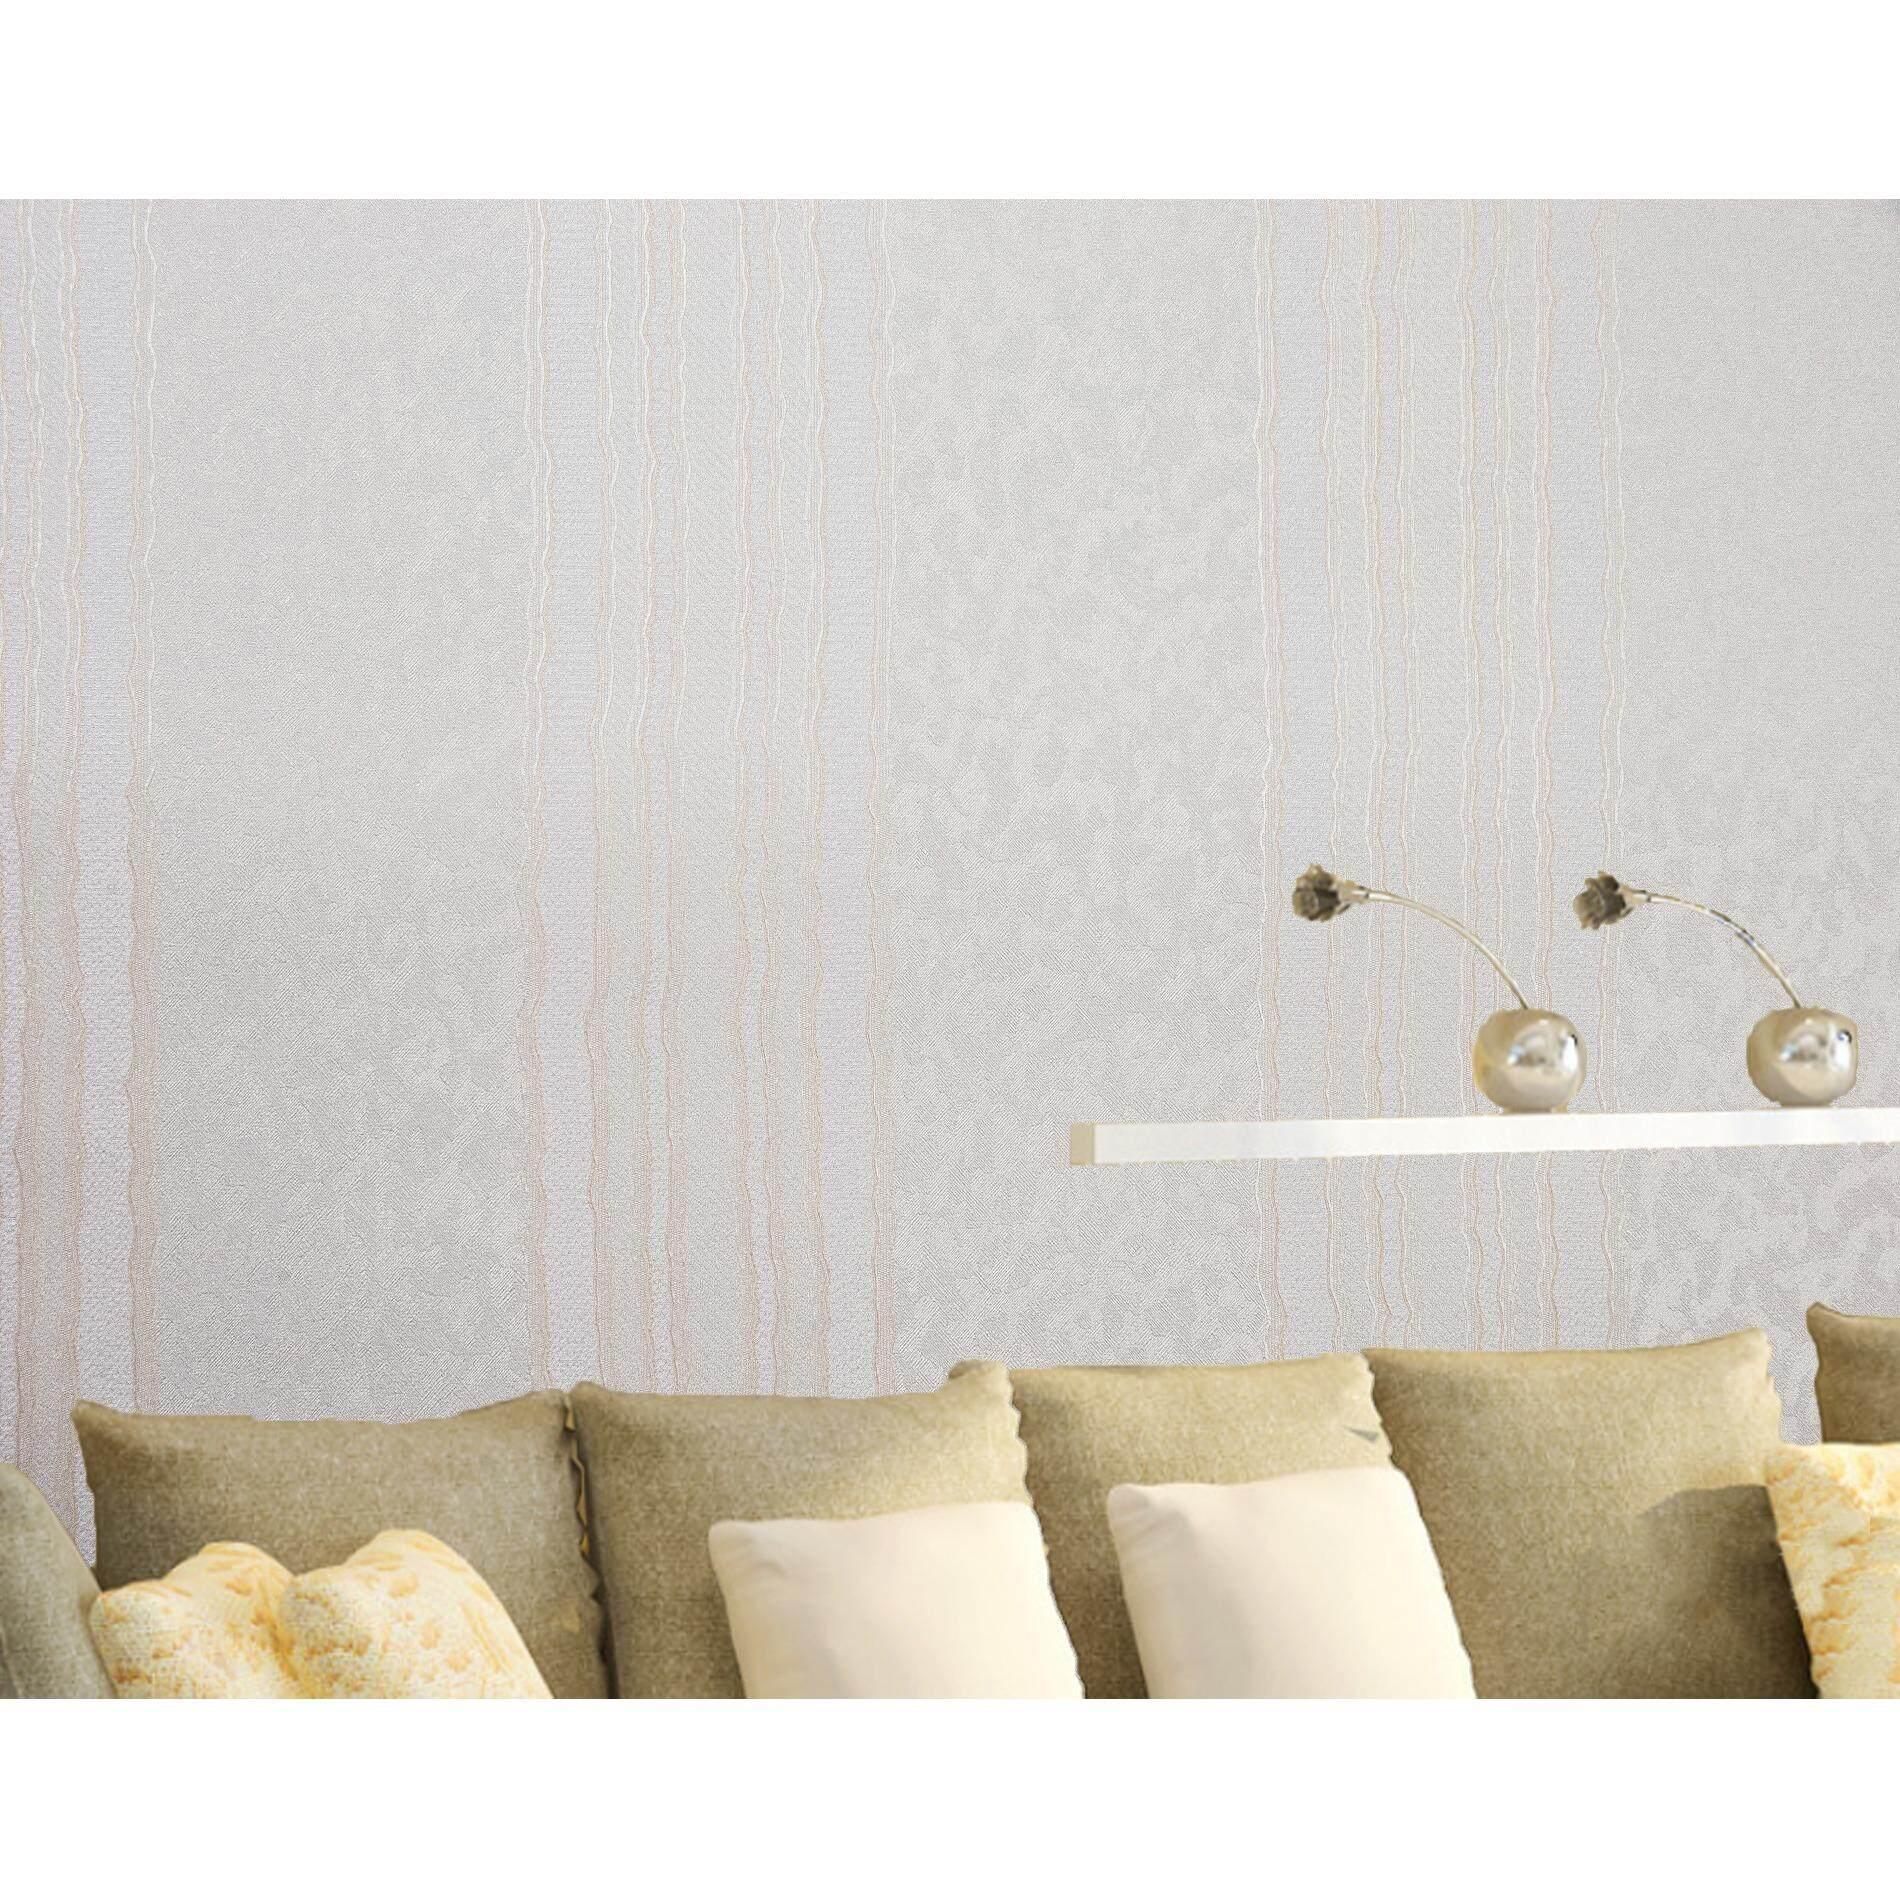 ซื้อ Homily Wallpaper Lxr รุ่น Cl 970505 โทนสีขาวมุก ลายตรงส้มอ่อน ใหม่